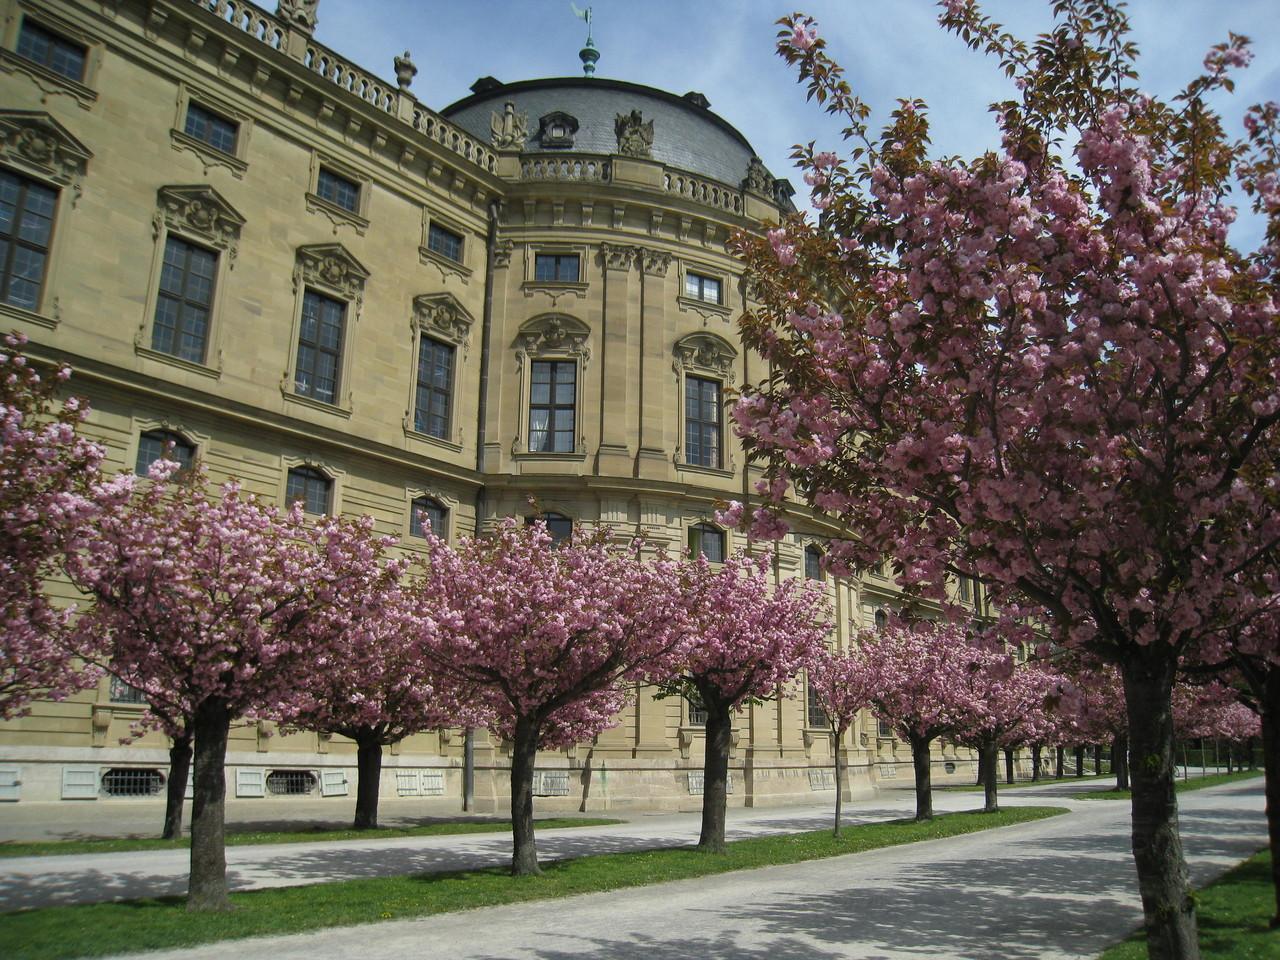 ヴュルツブルクの「レジデンツ」(大司教の宮殿)